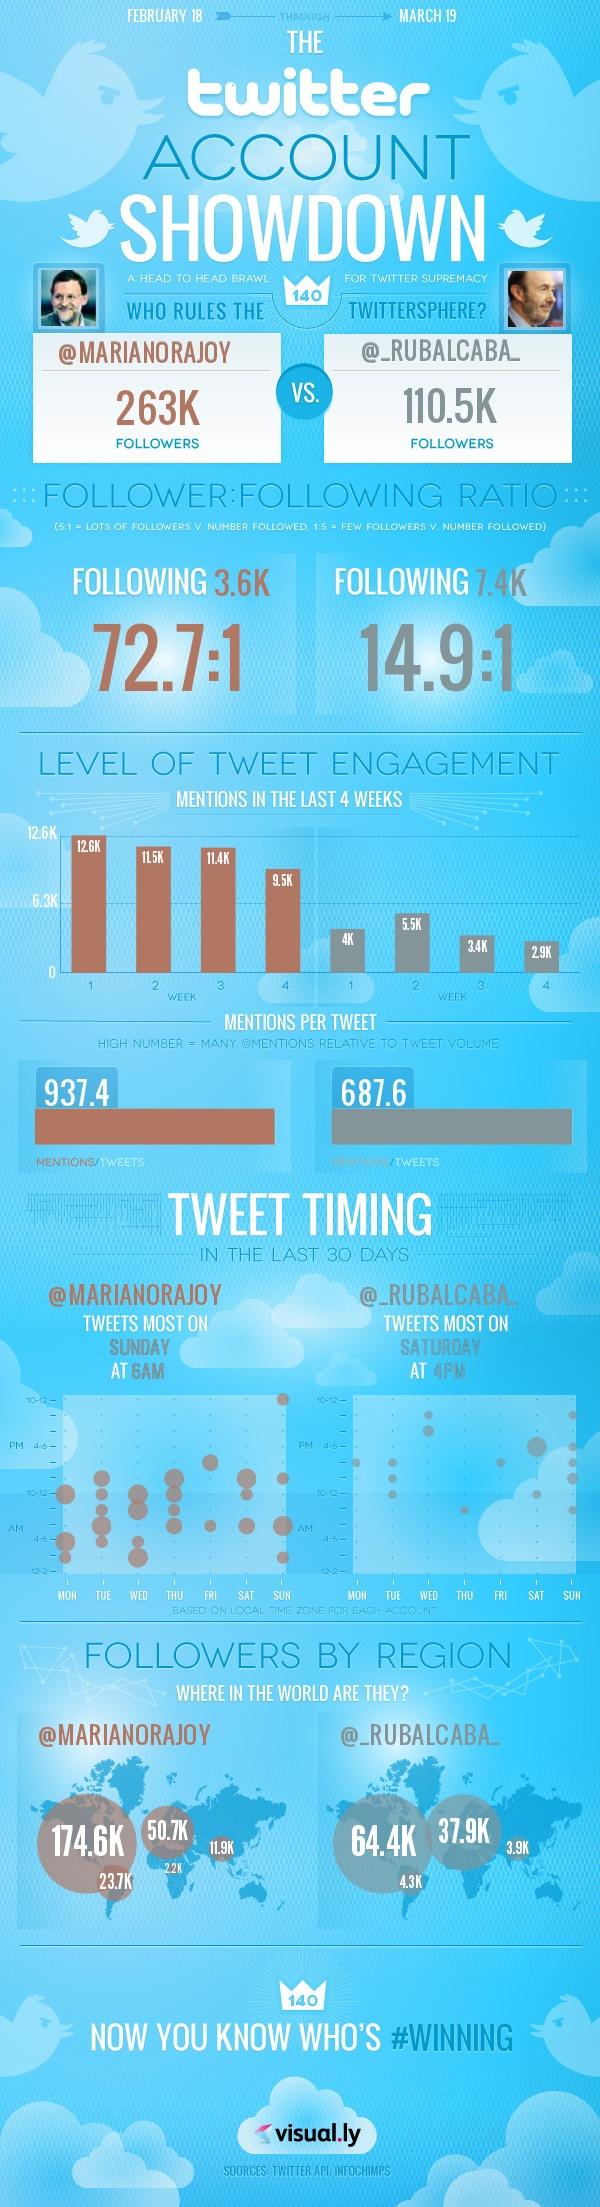 Rajoy (@marianorajoy) vs Rubalcaba (@_Rubalcaba_) en Twitter #infografia